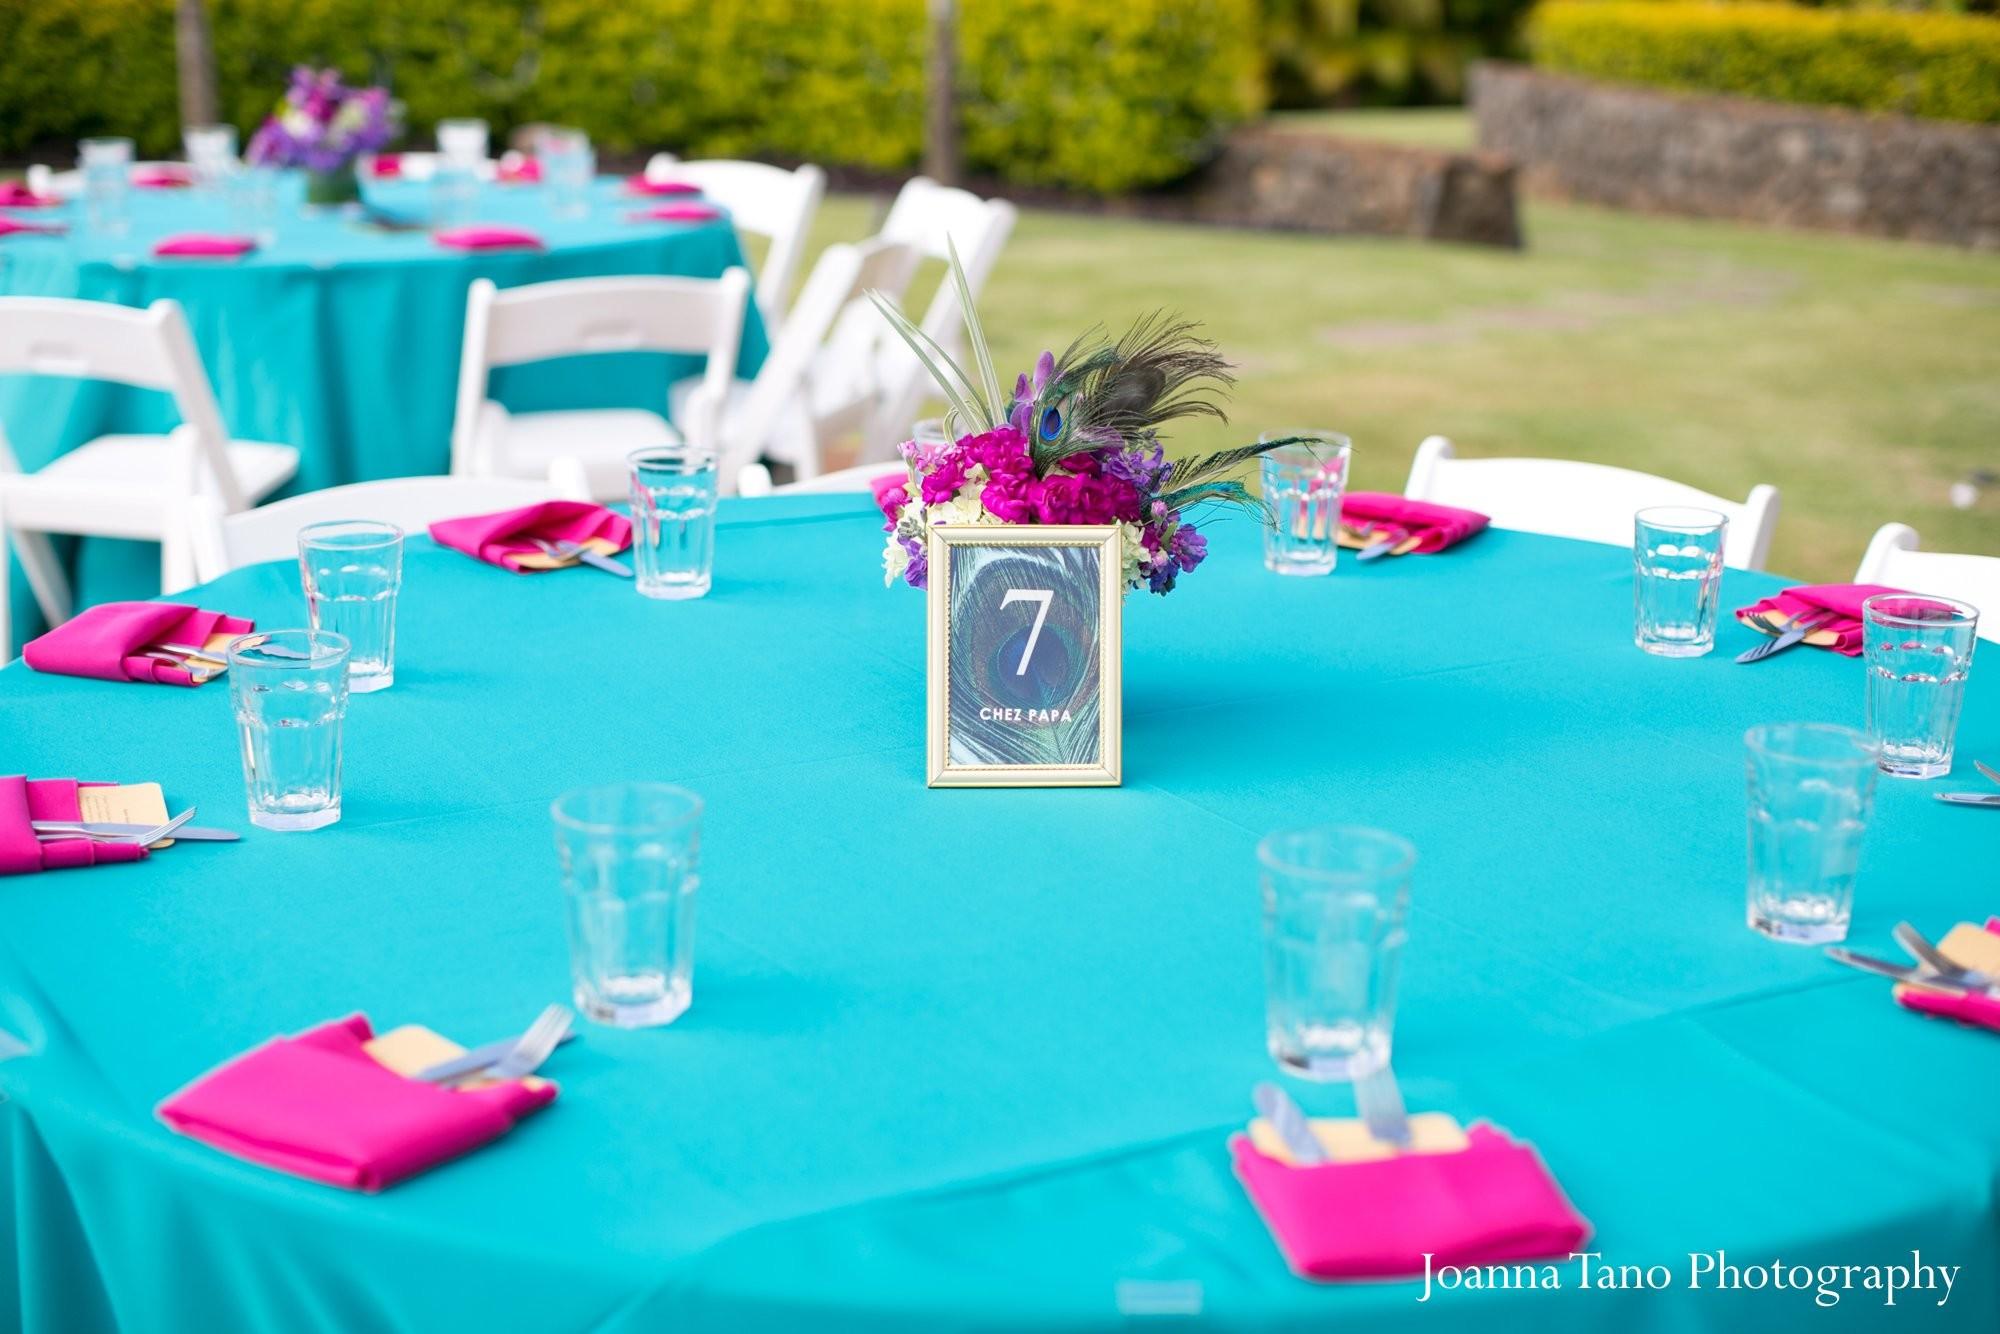 Maharani Weddings & Dellables — Dellables Wedding Design & Florals